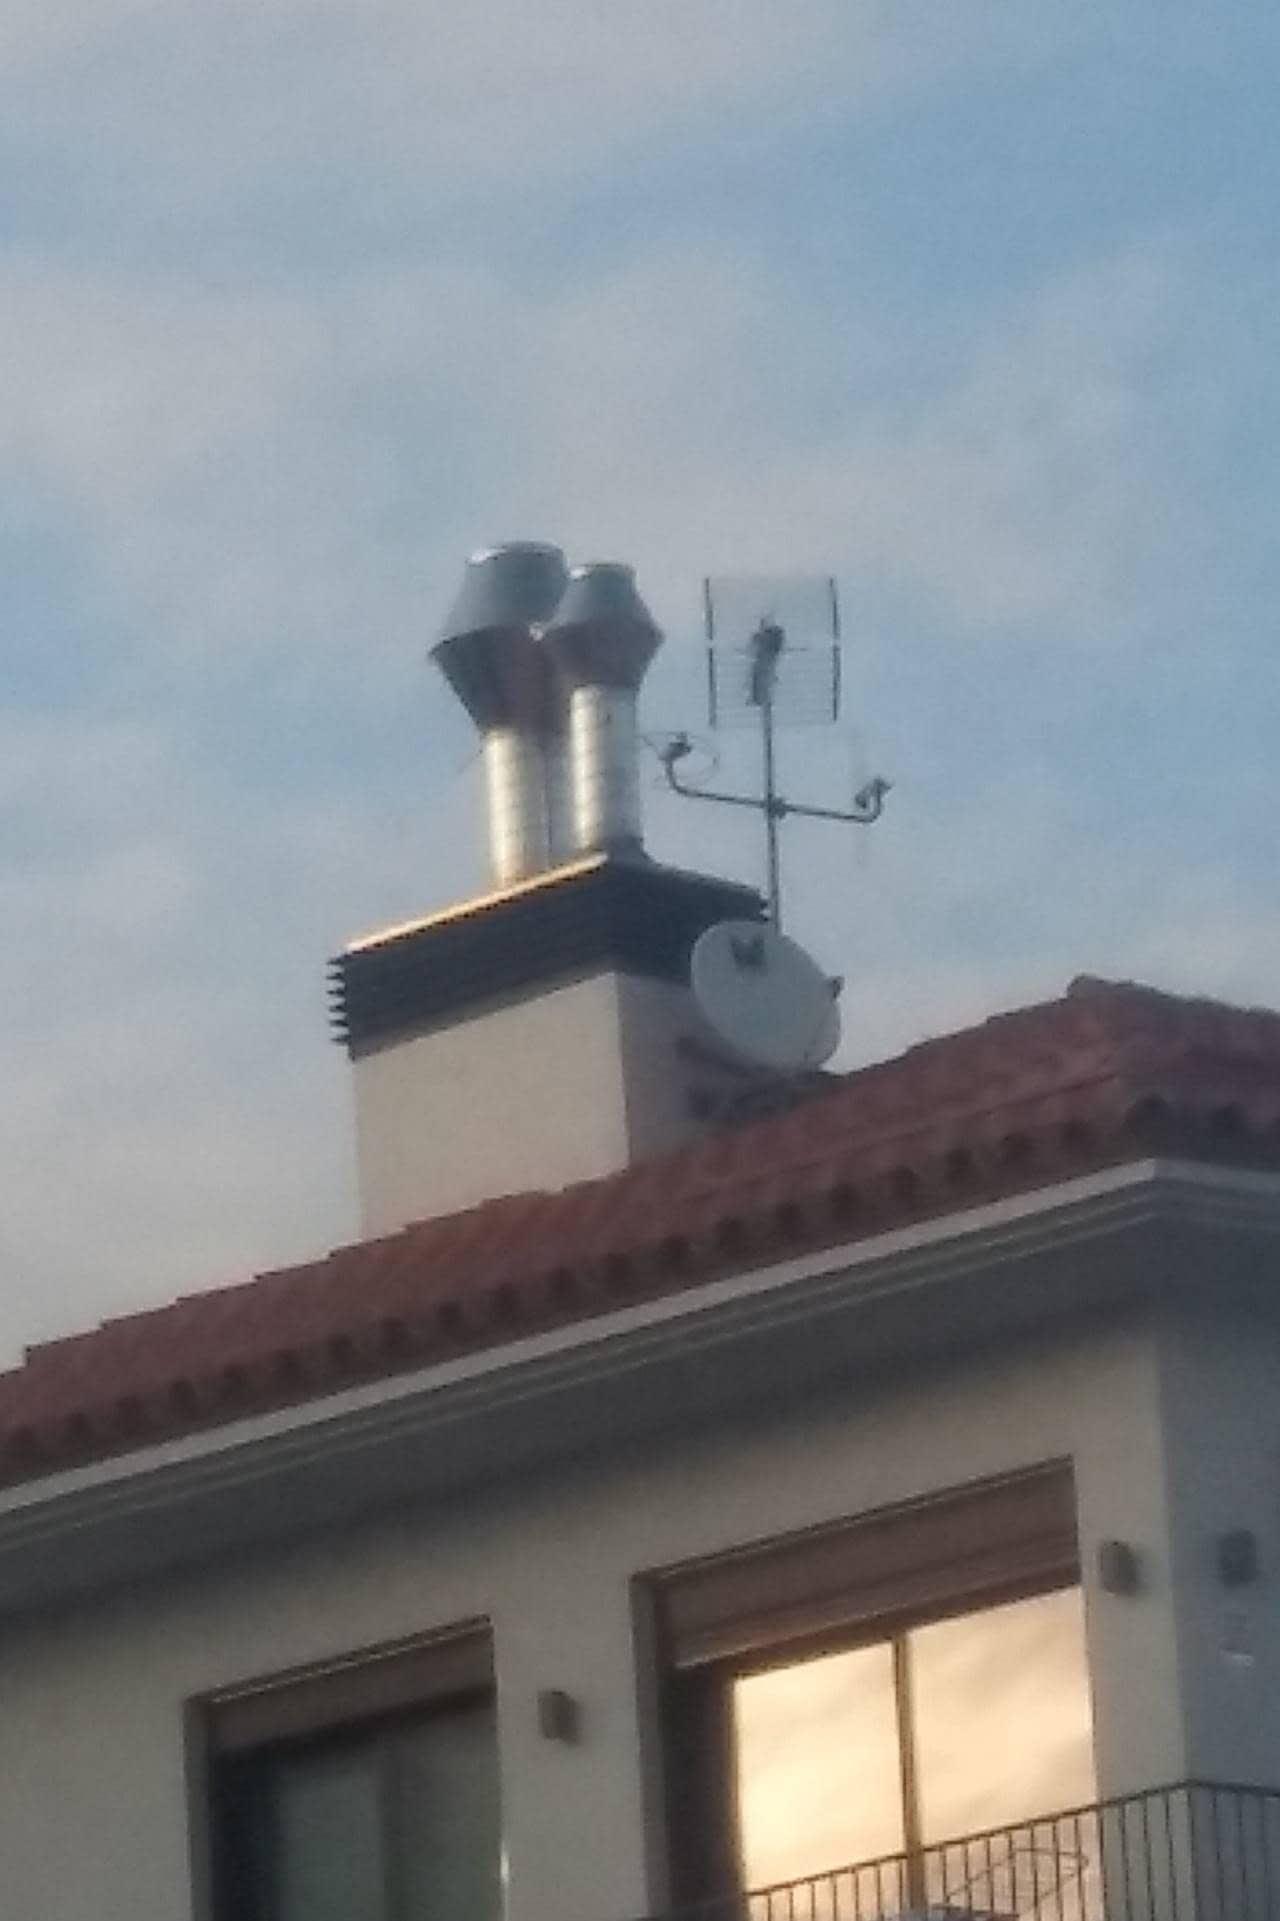 Terminal tipo Jet para extracción de campanas industriales de cocina